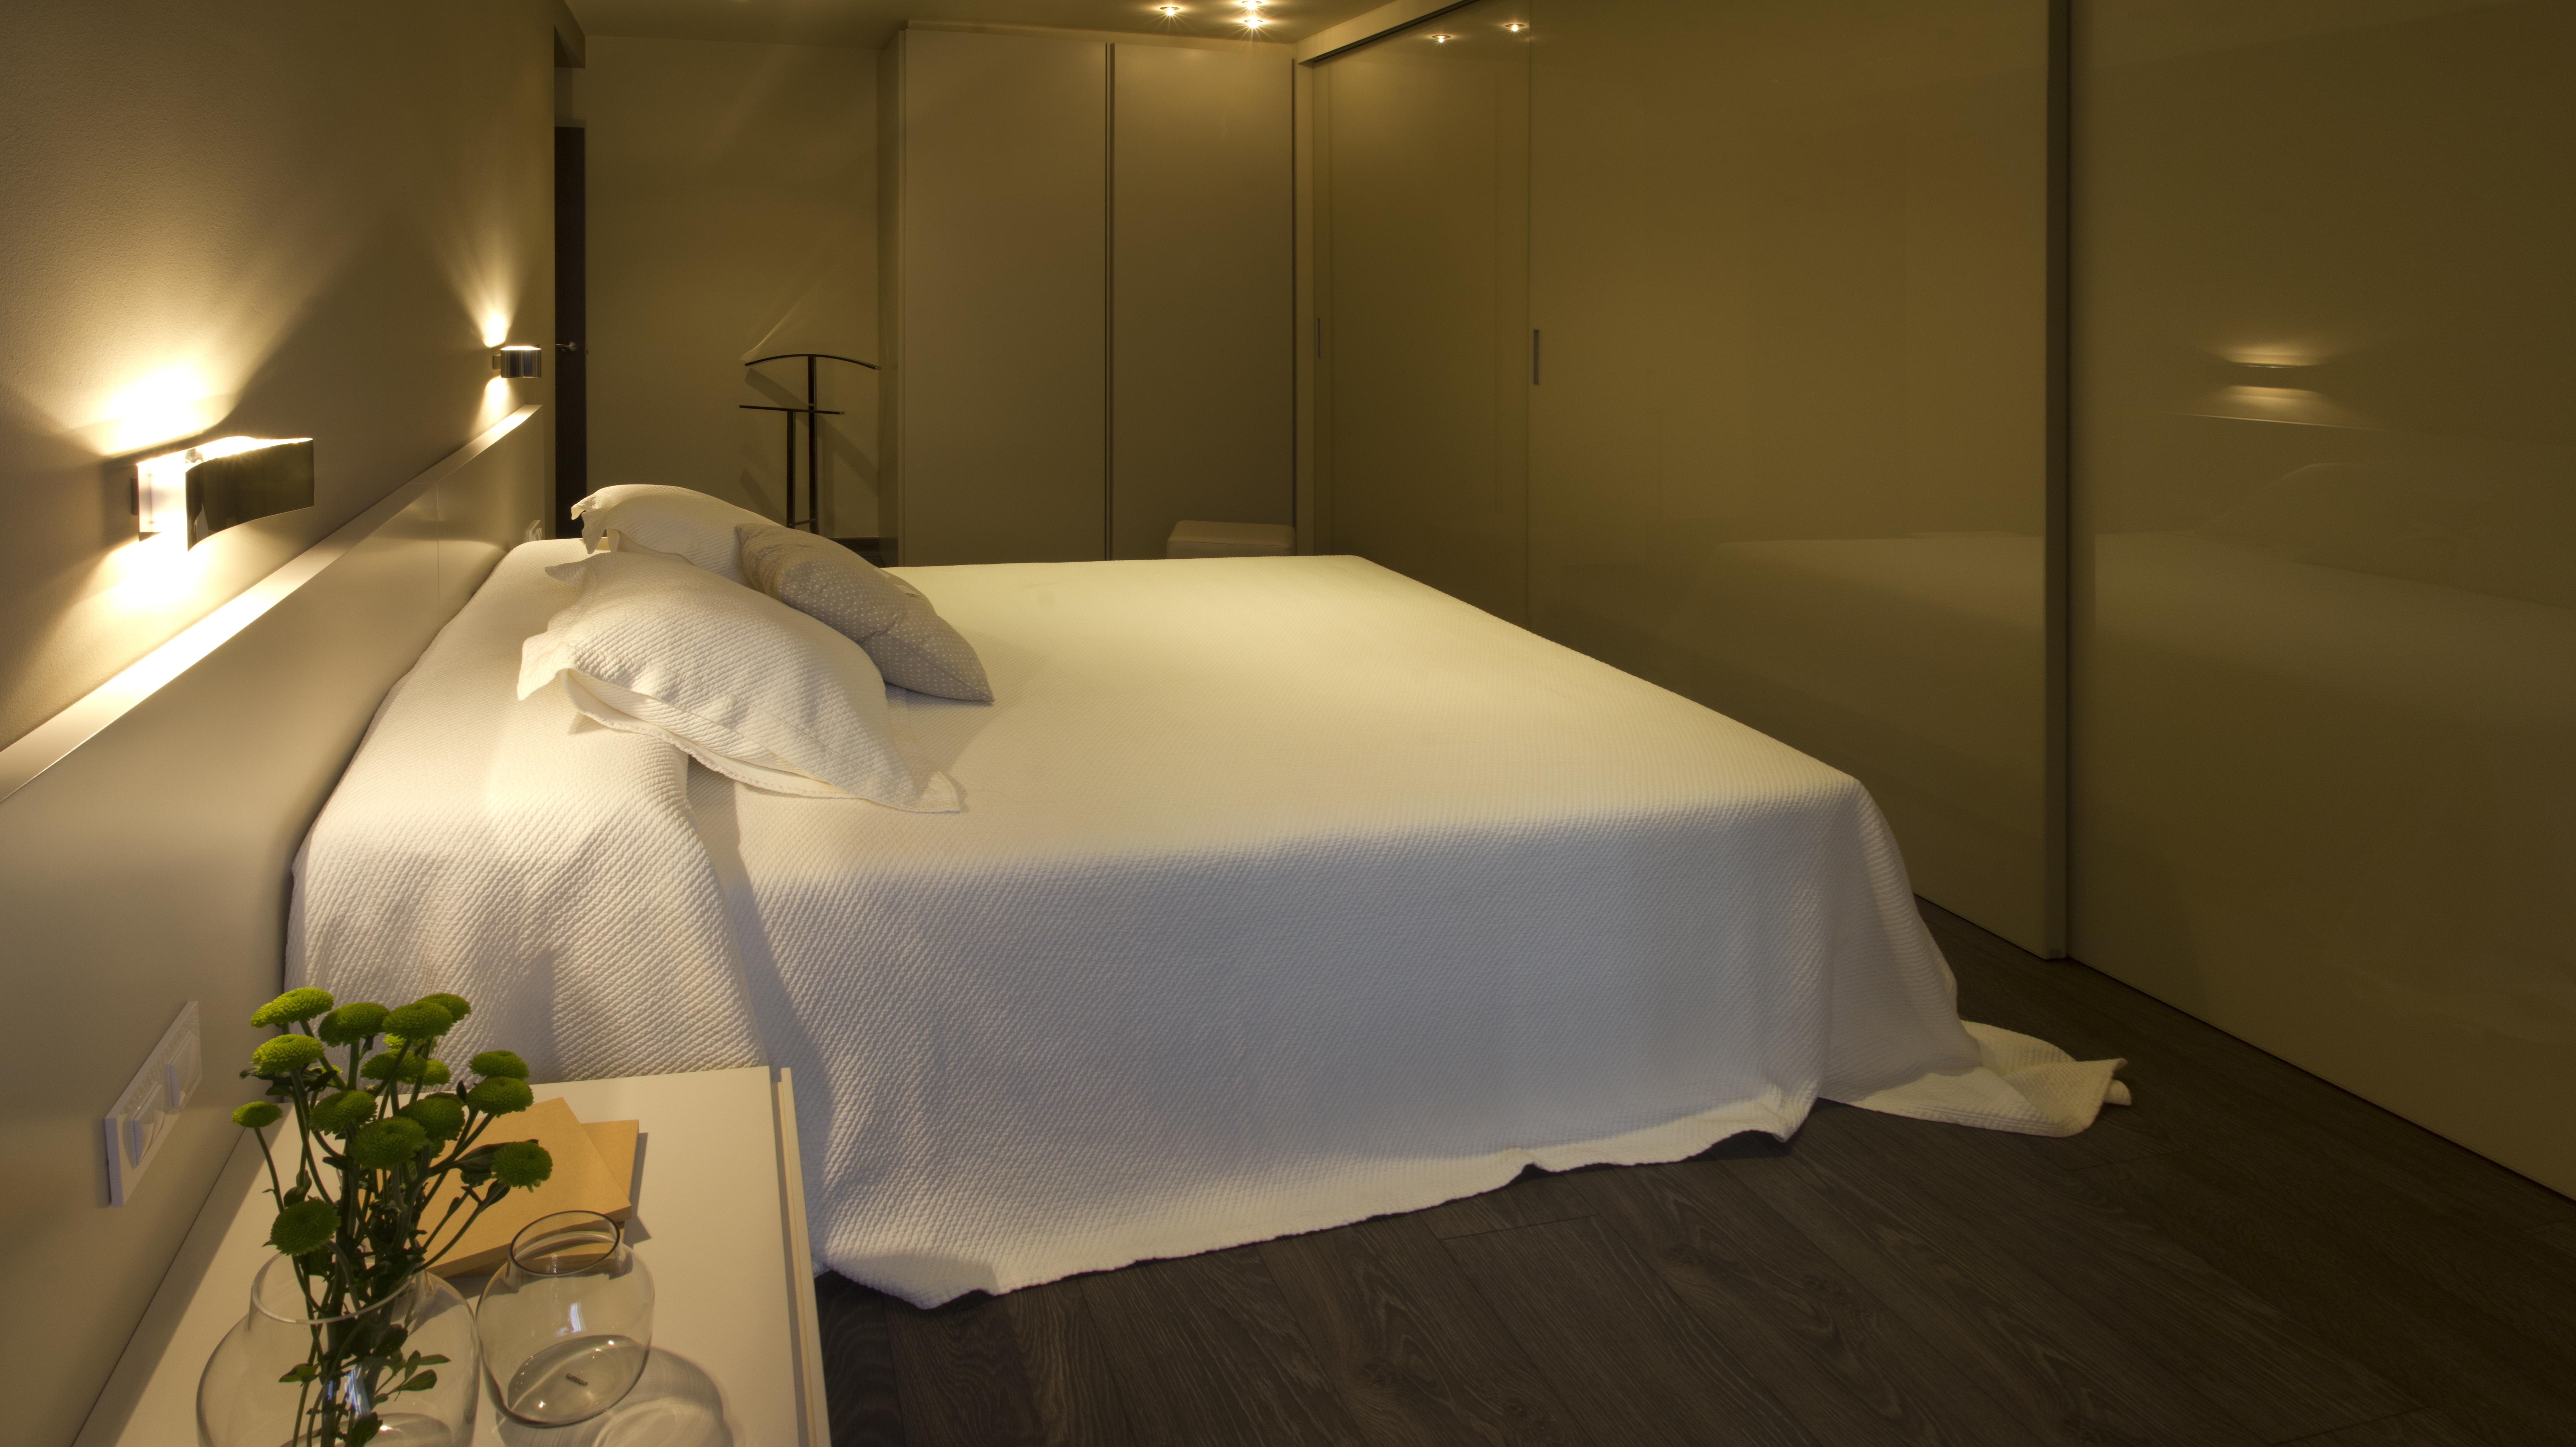 dormitorio principal con amplia zona de armarios